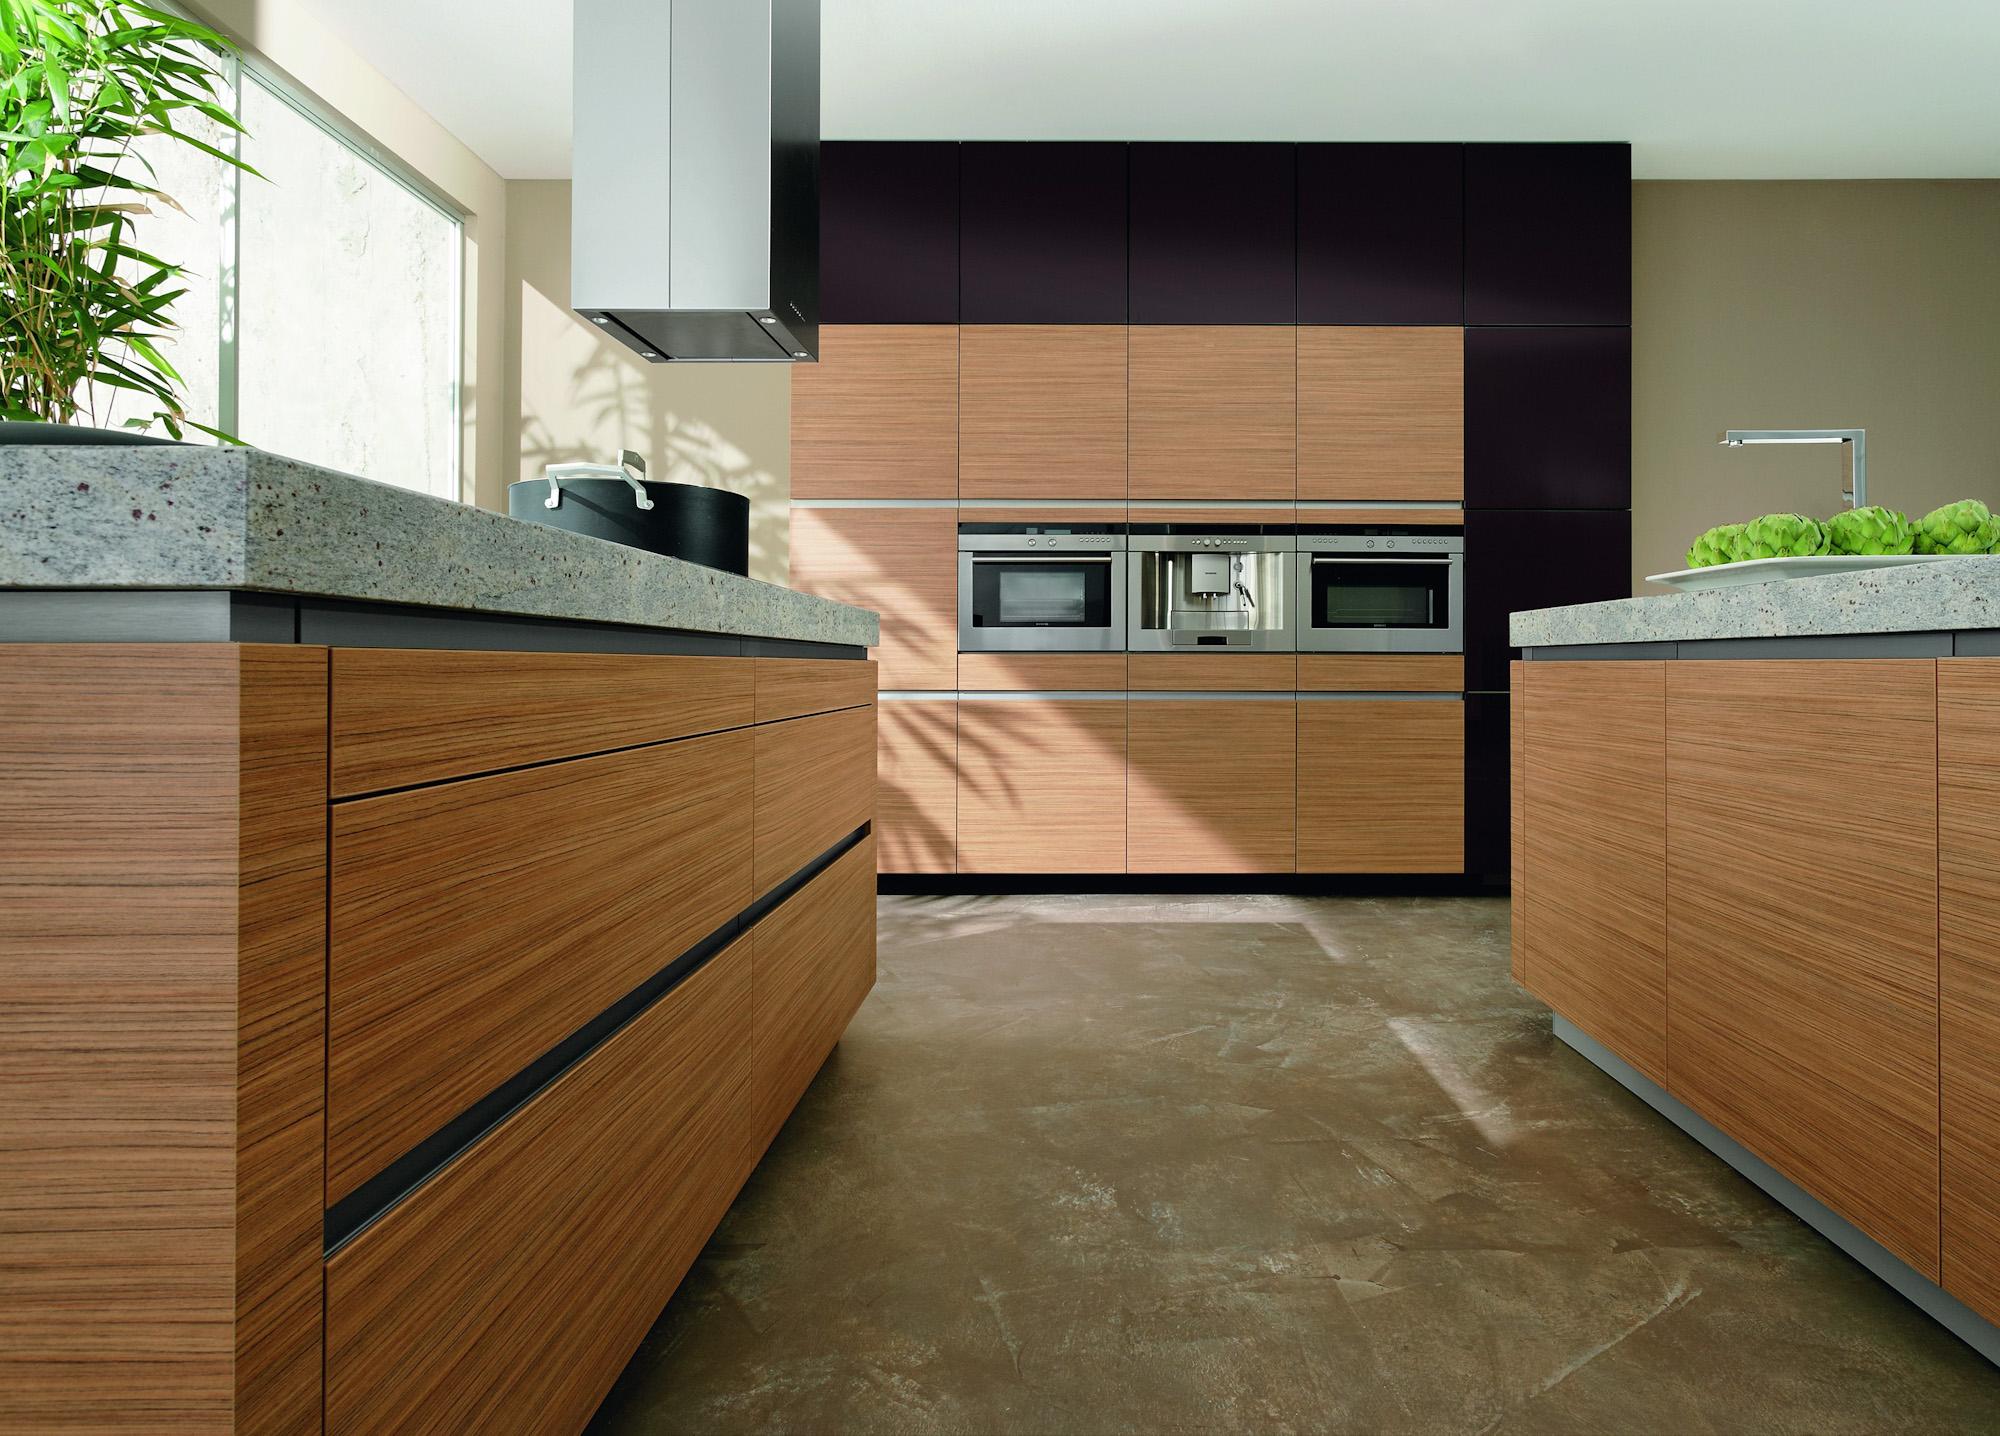 Rational küchen zubehör  Massivholzküchen, Hochglanzlack, Landhausstil - Möbel Morschett